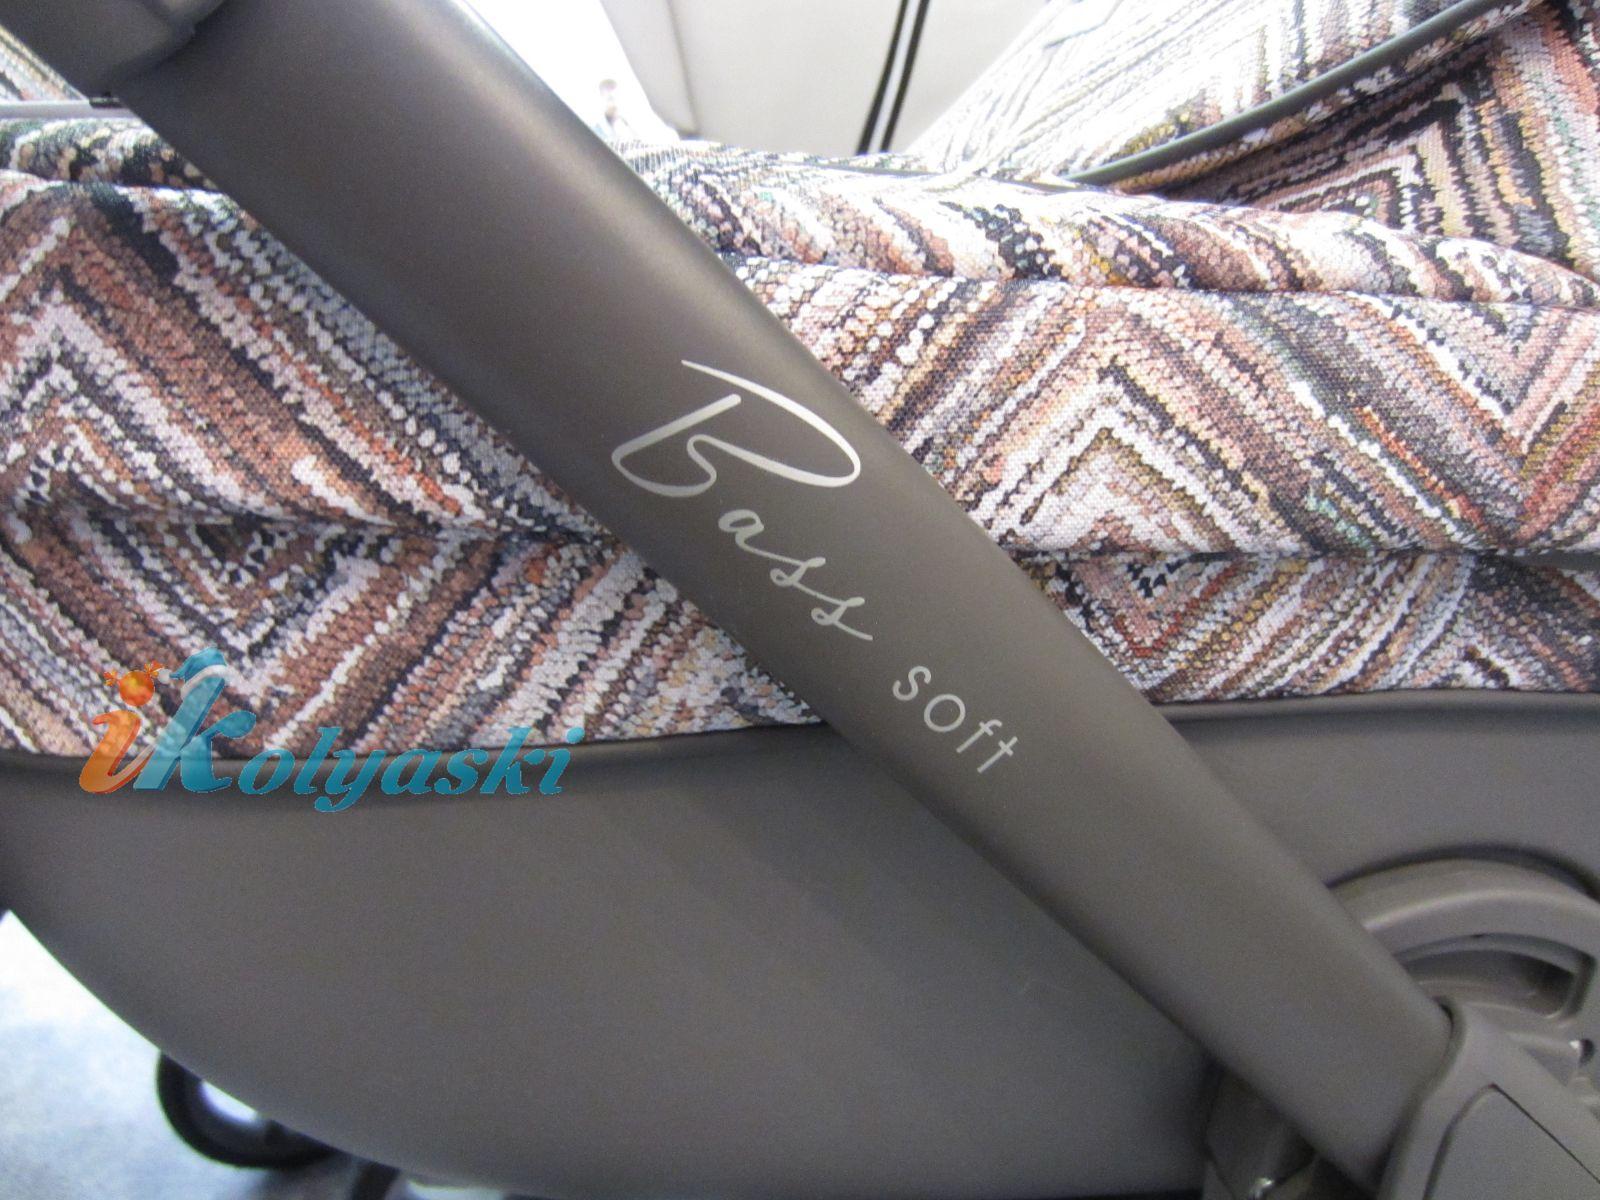 Roan Bass Soft Leather, Chevron & Denim Jeans, Детская коляска для новорожденных, на поворотных колесах, 3 в 1 Roan Bass Soft  - Роан Басс шасси Софт, обшивка люльки Эко-Кожа и джинс. Хит 2018